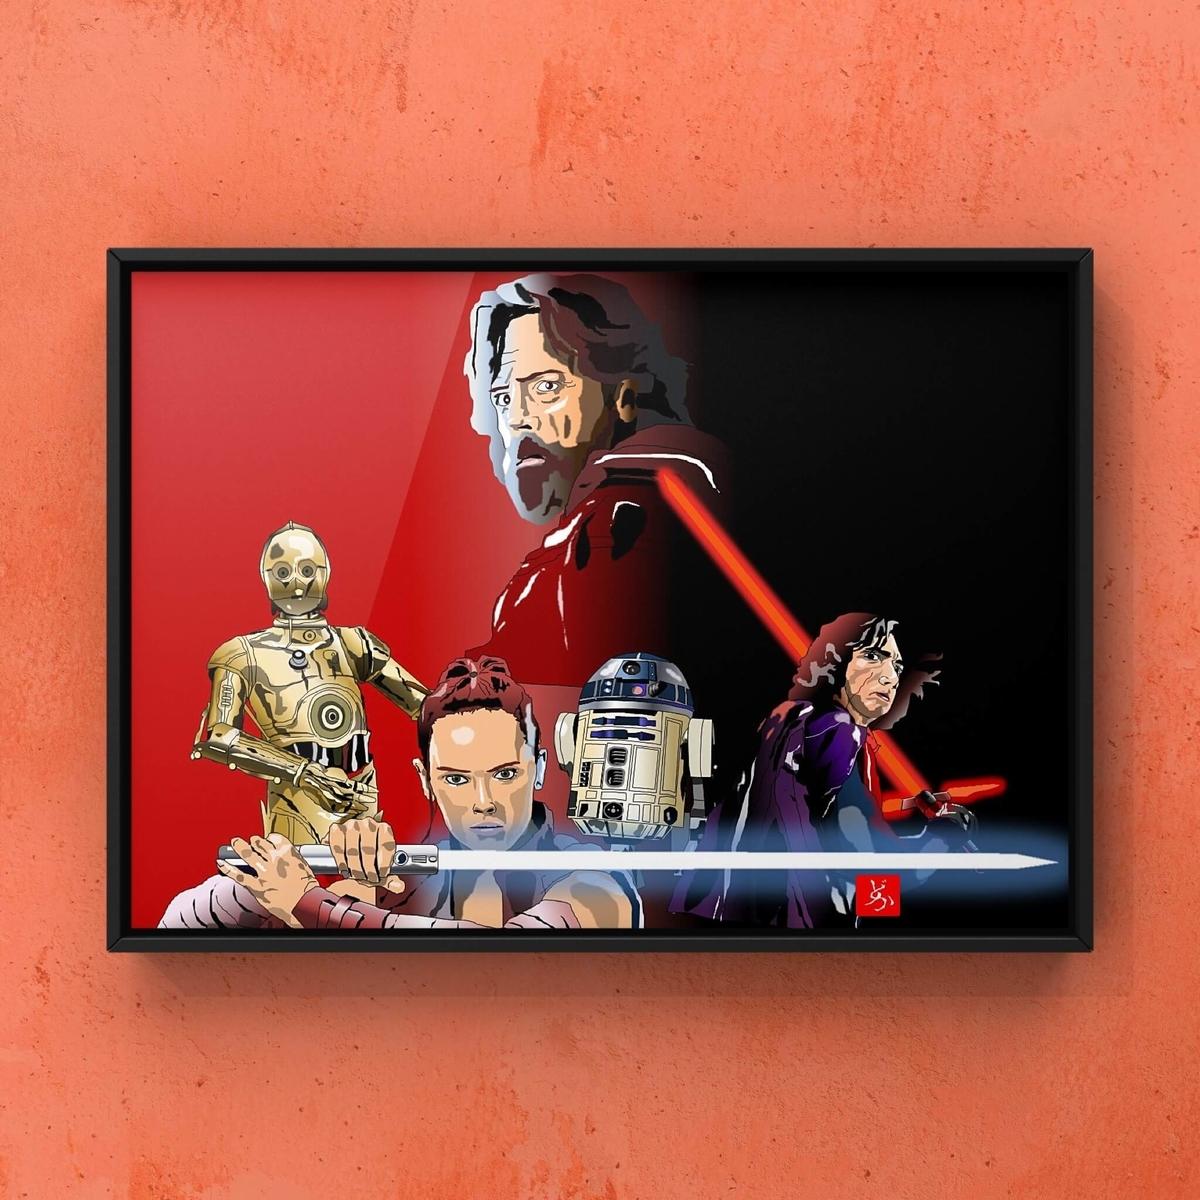 スターウォーズ9 レイ、カイロ・レン、ルーク、C-3PO、R2-D2のエクセル画額装版